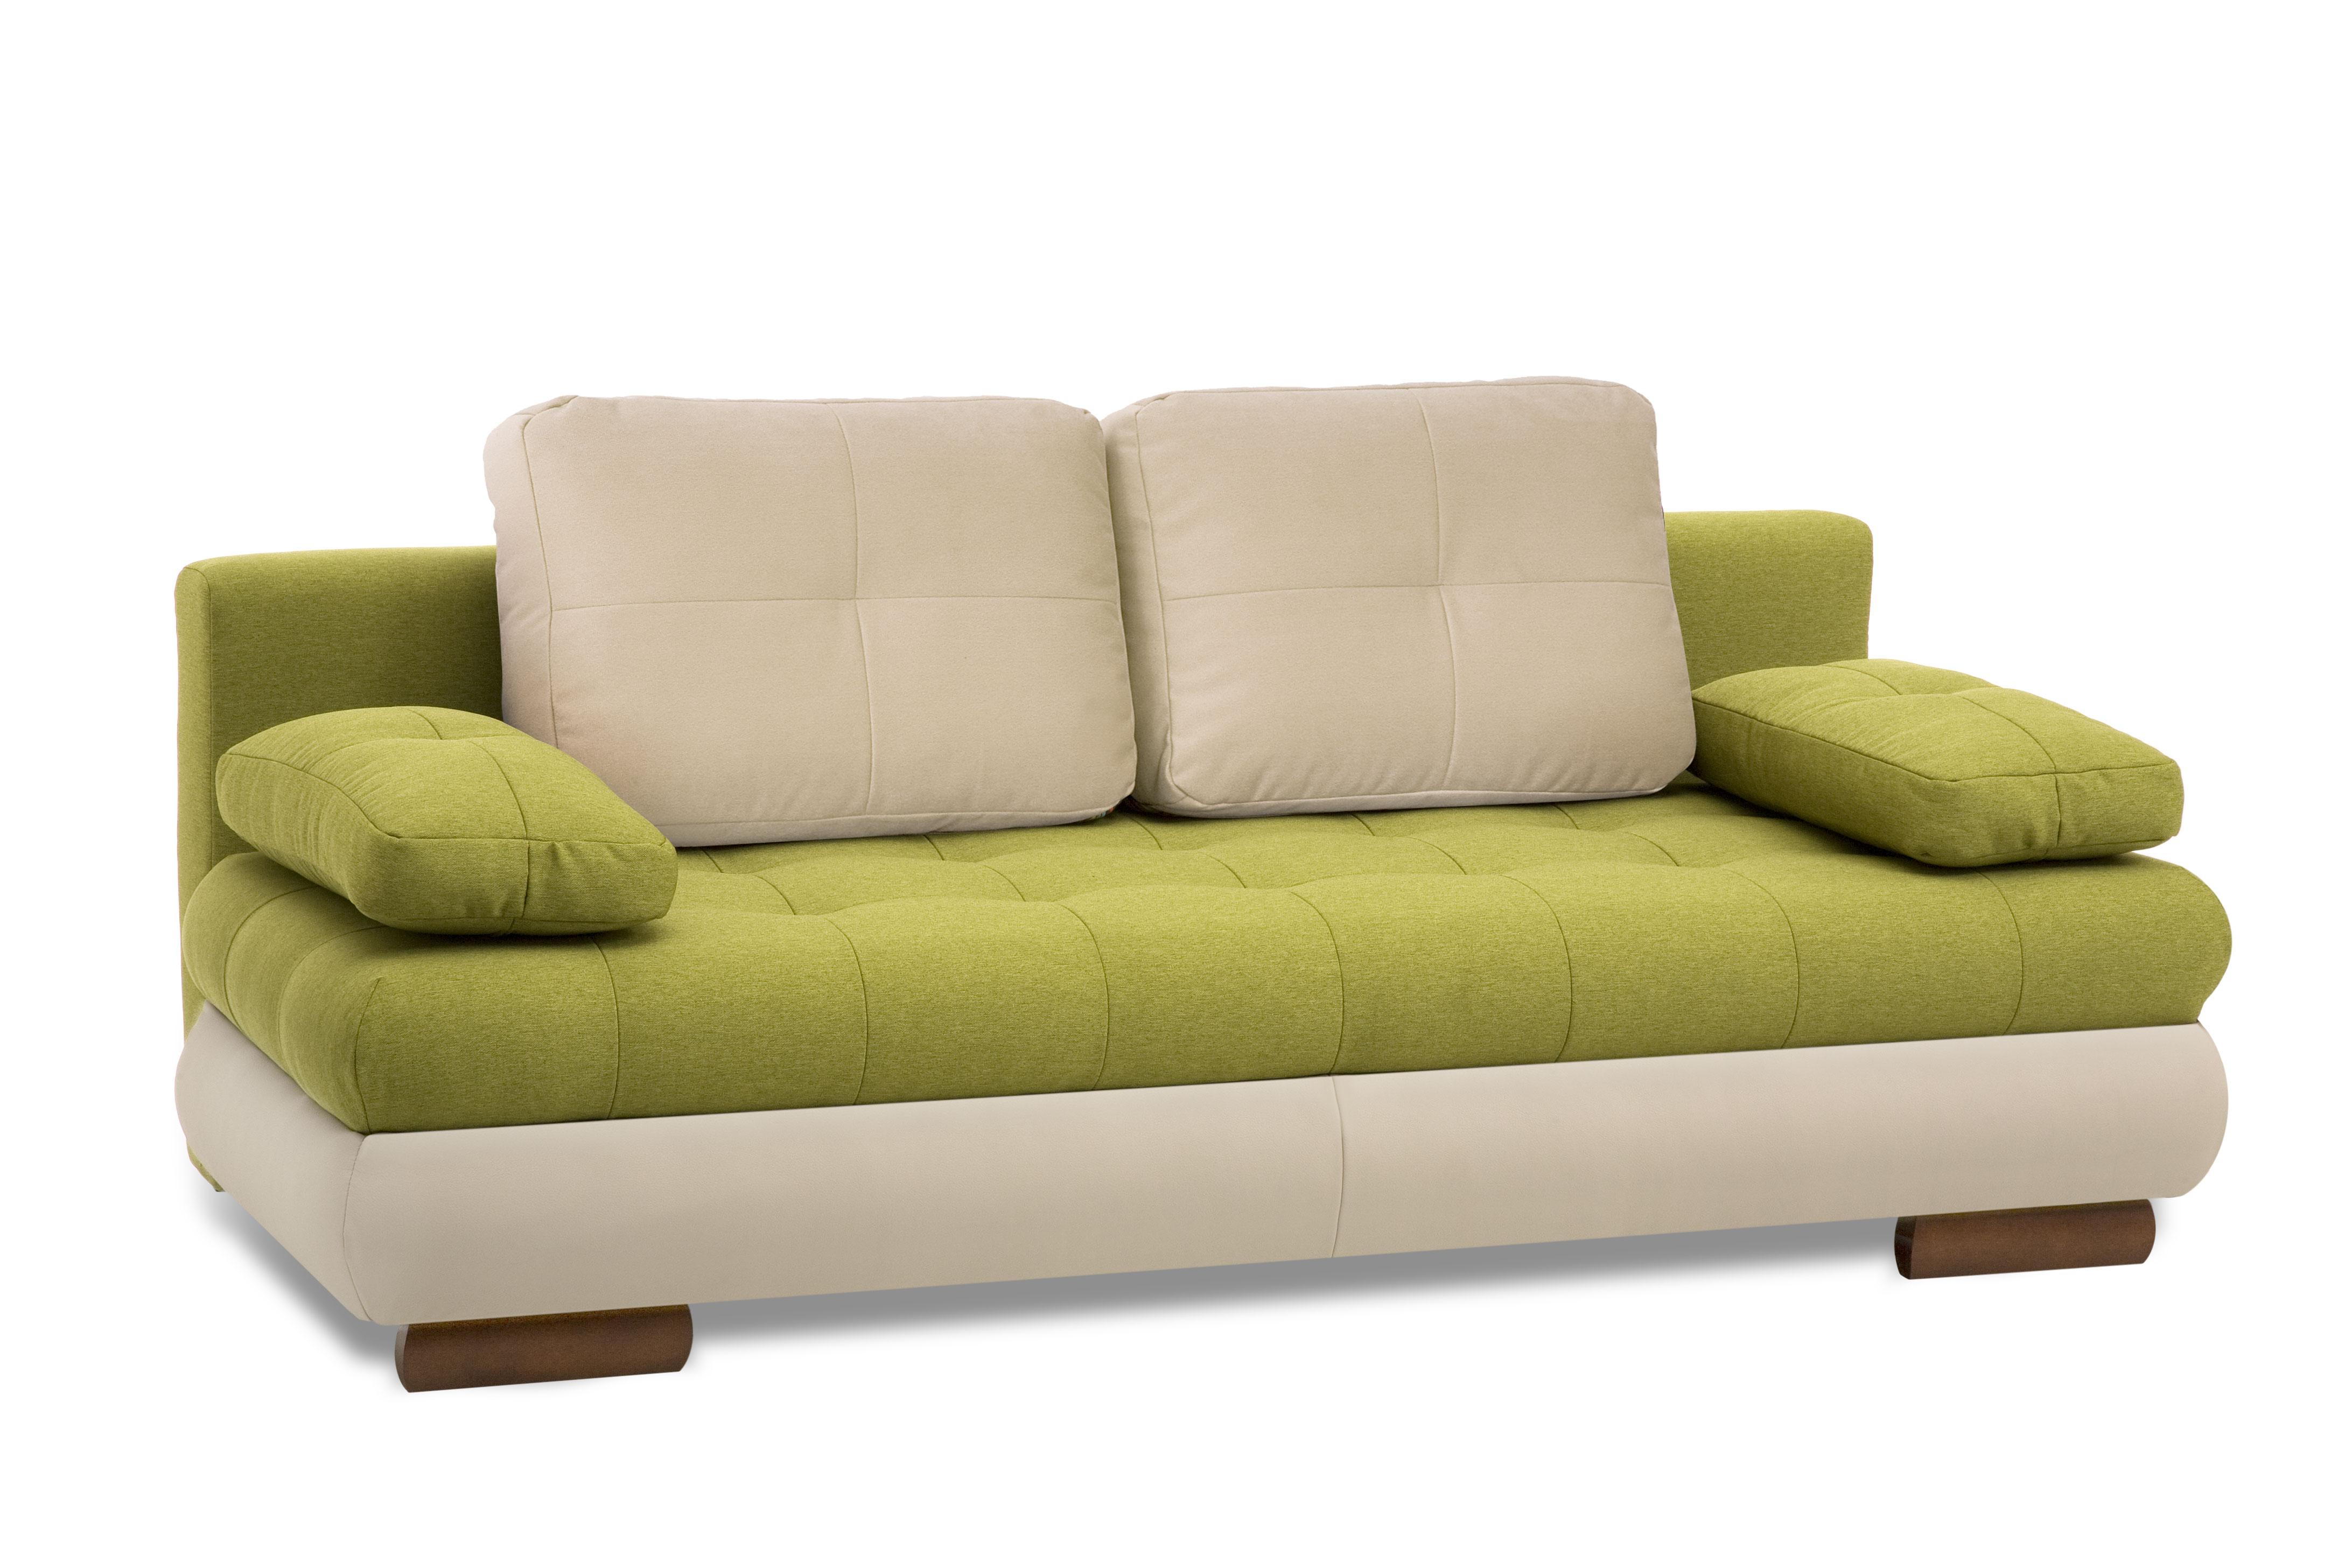 Canapea Extensibila Verde - 3359